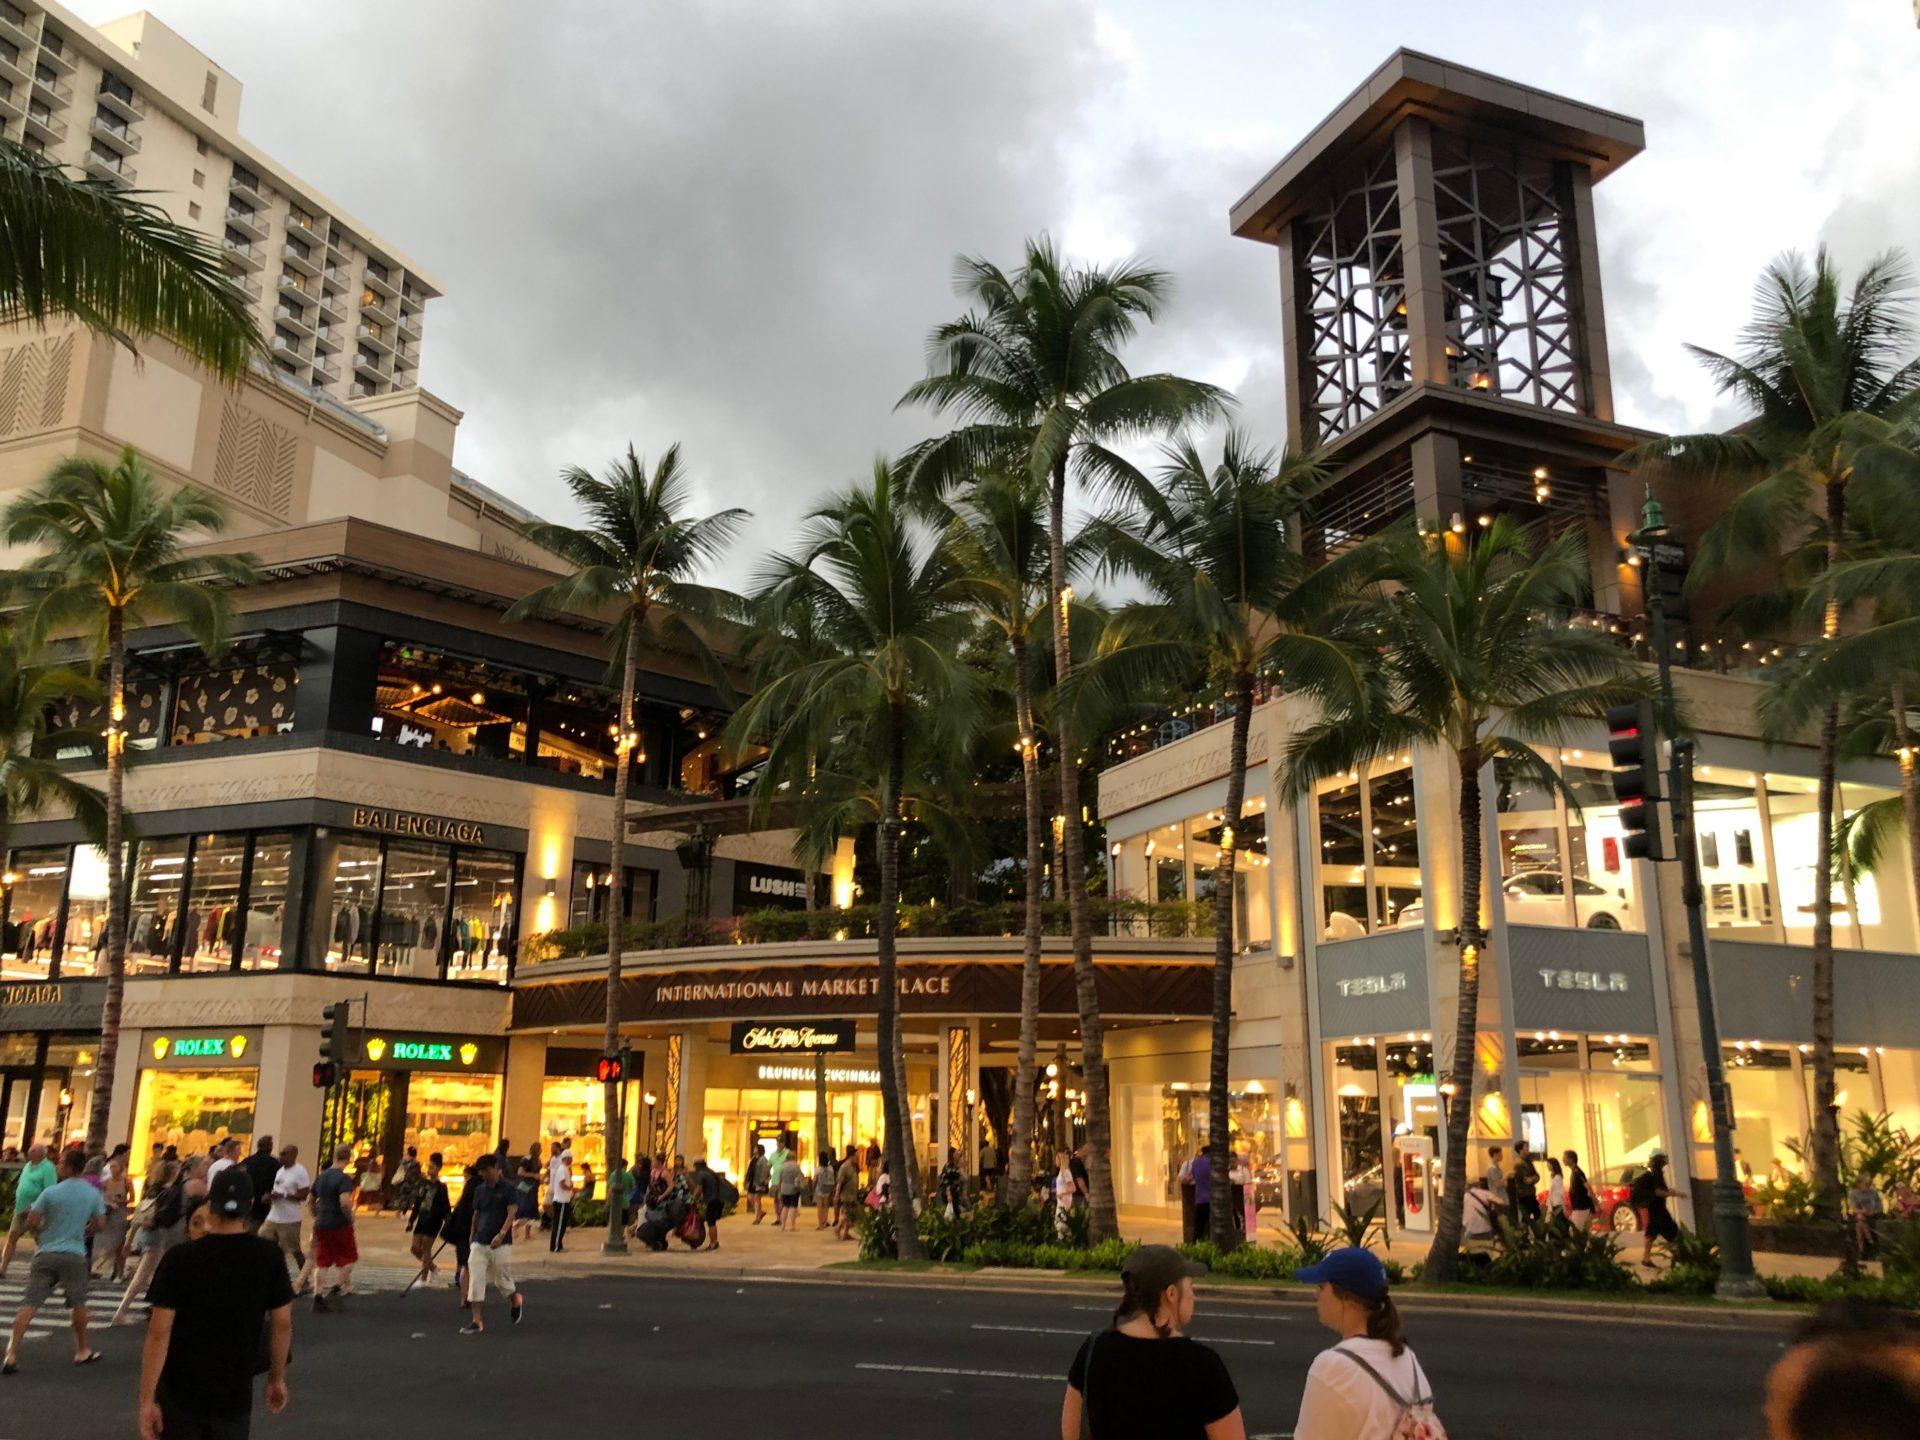 International Market Place Entrance Feature